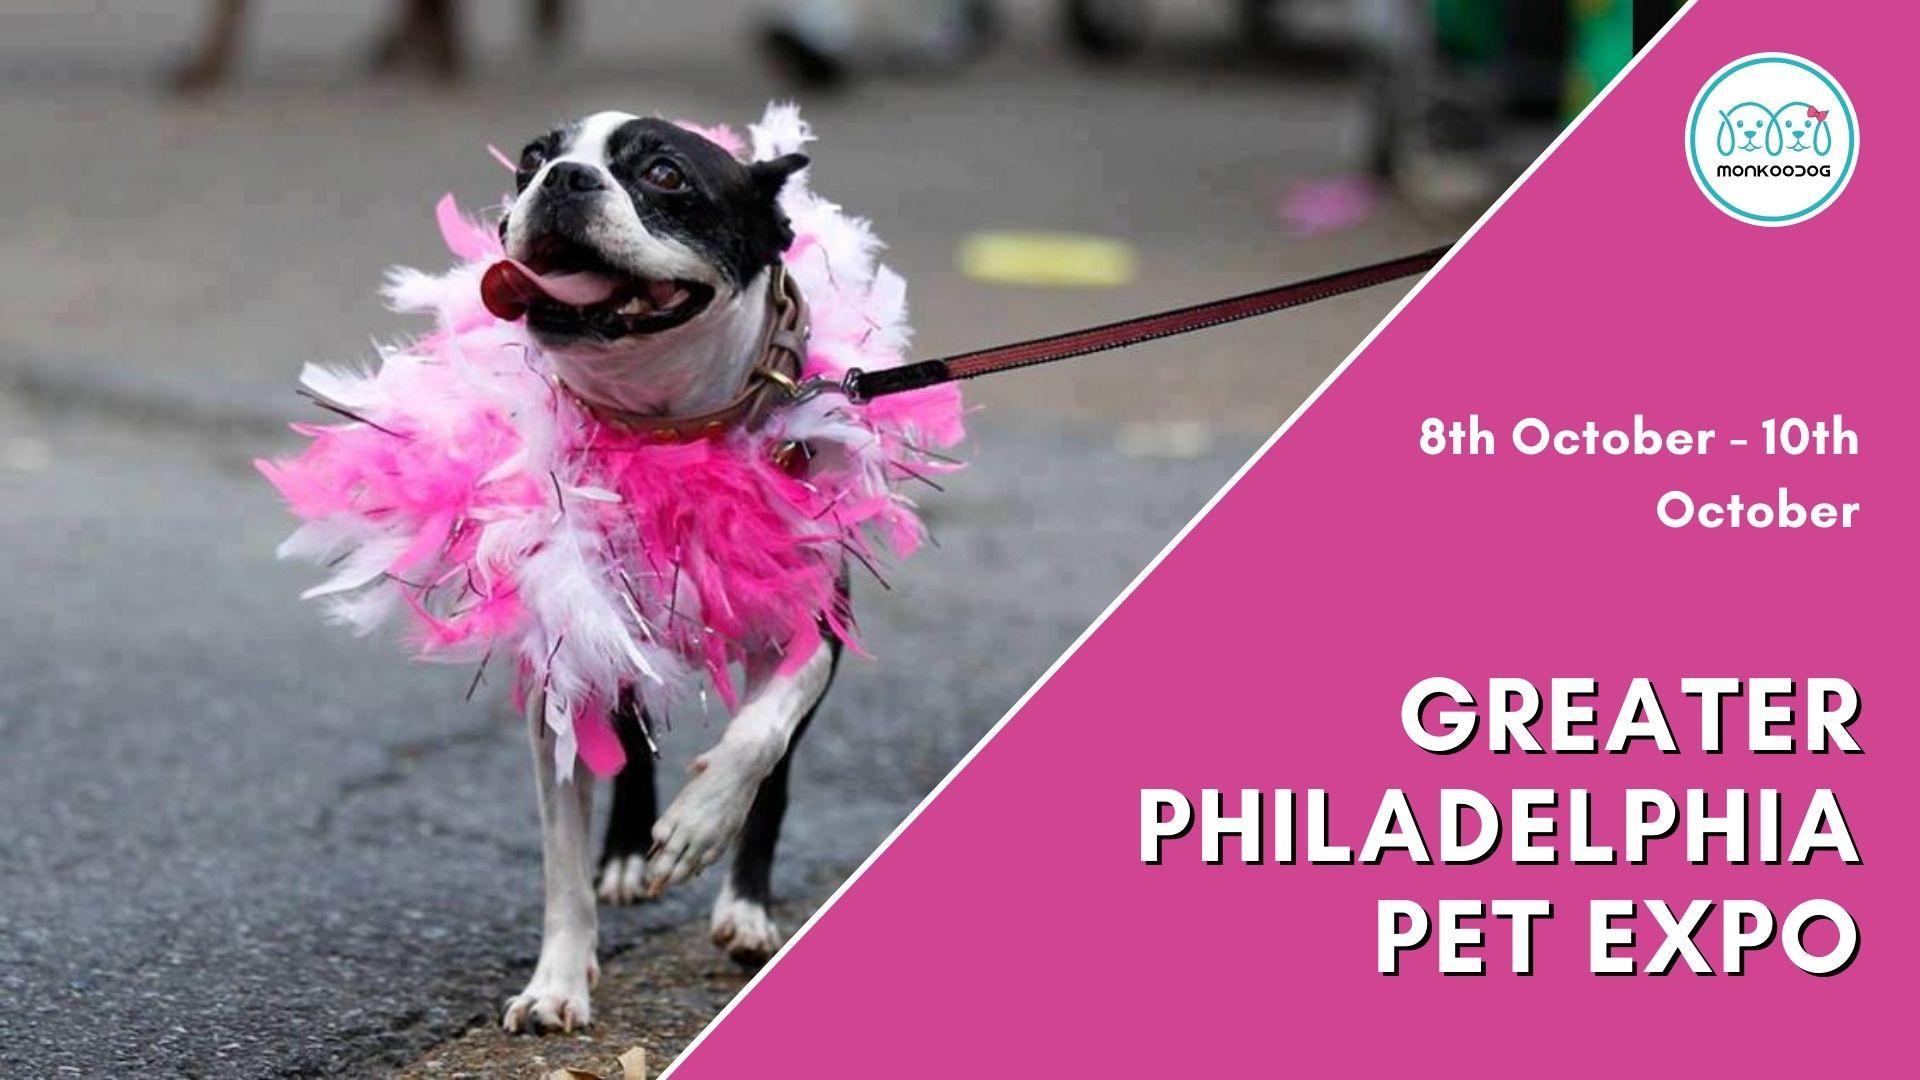 Greater Philadelphia Pet Expo